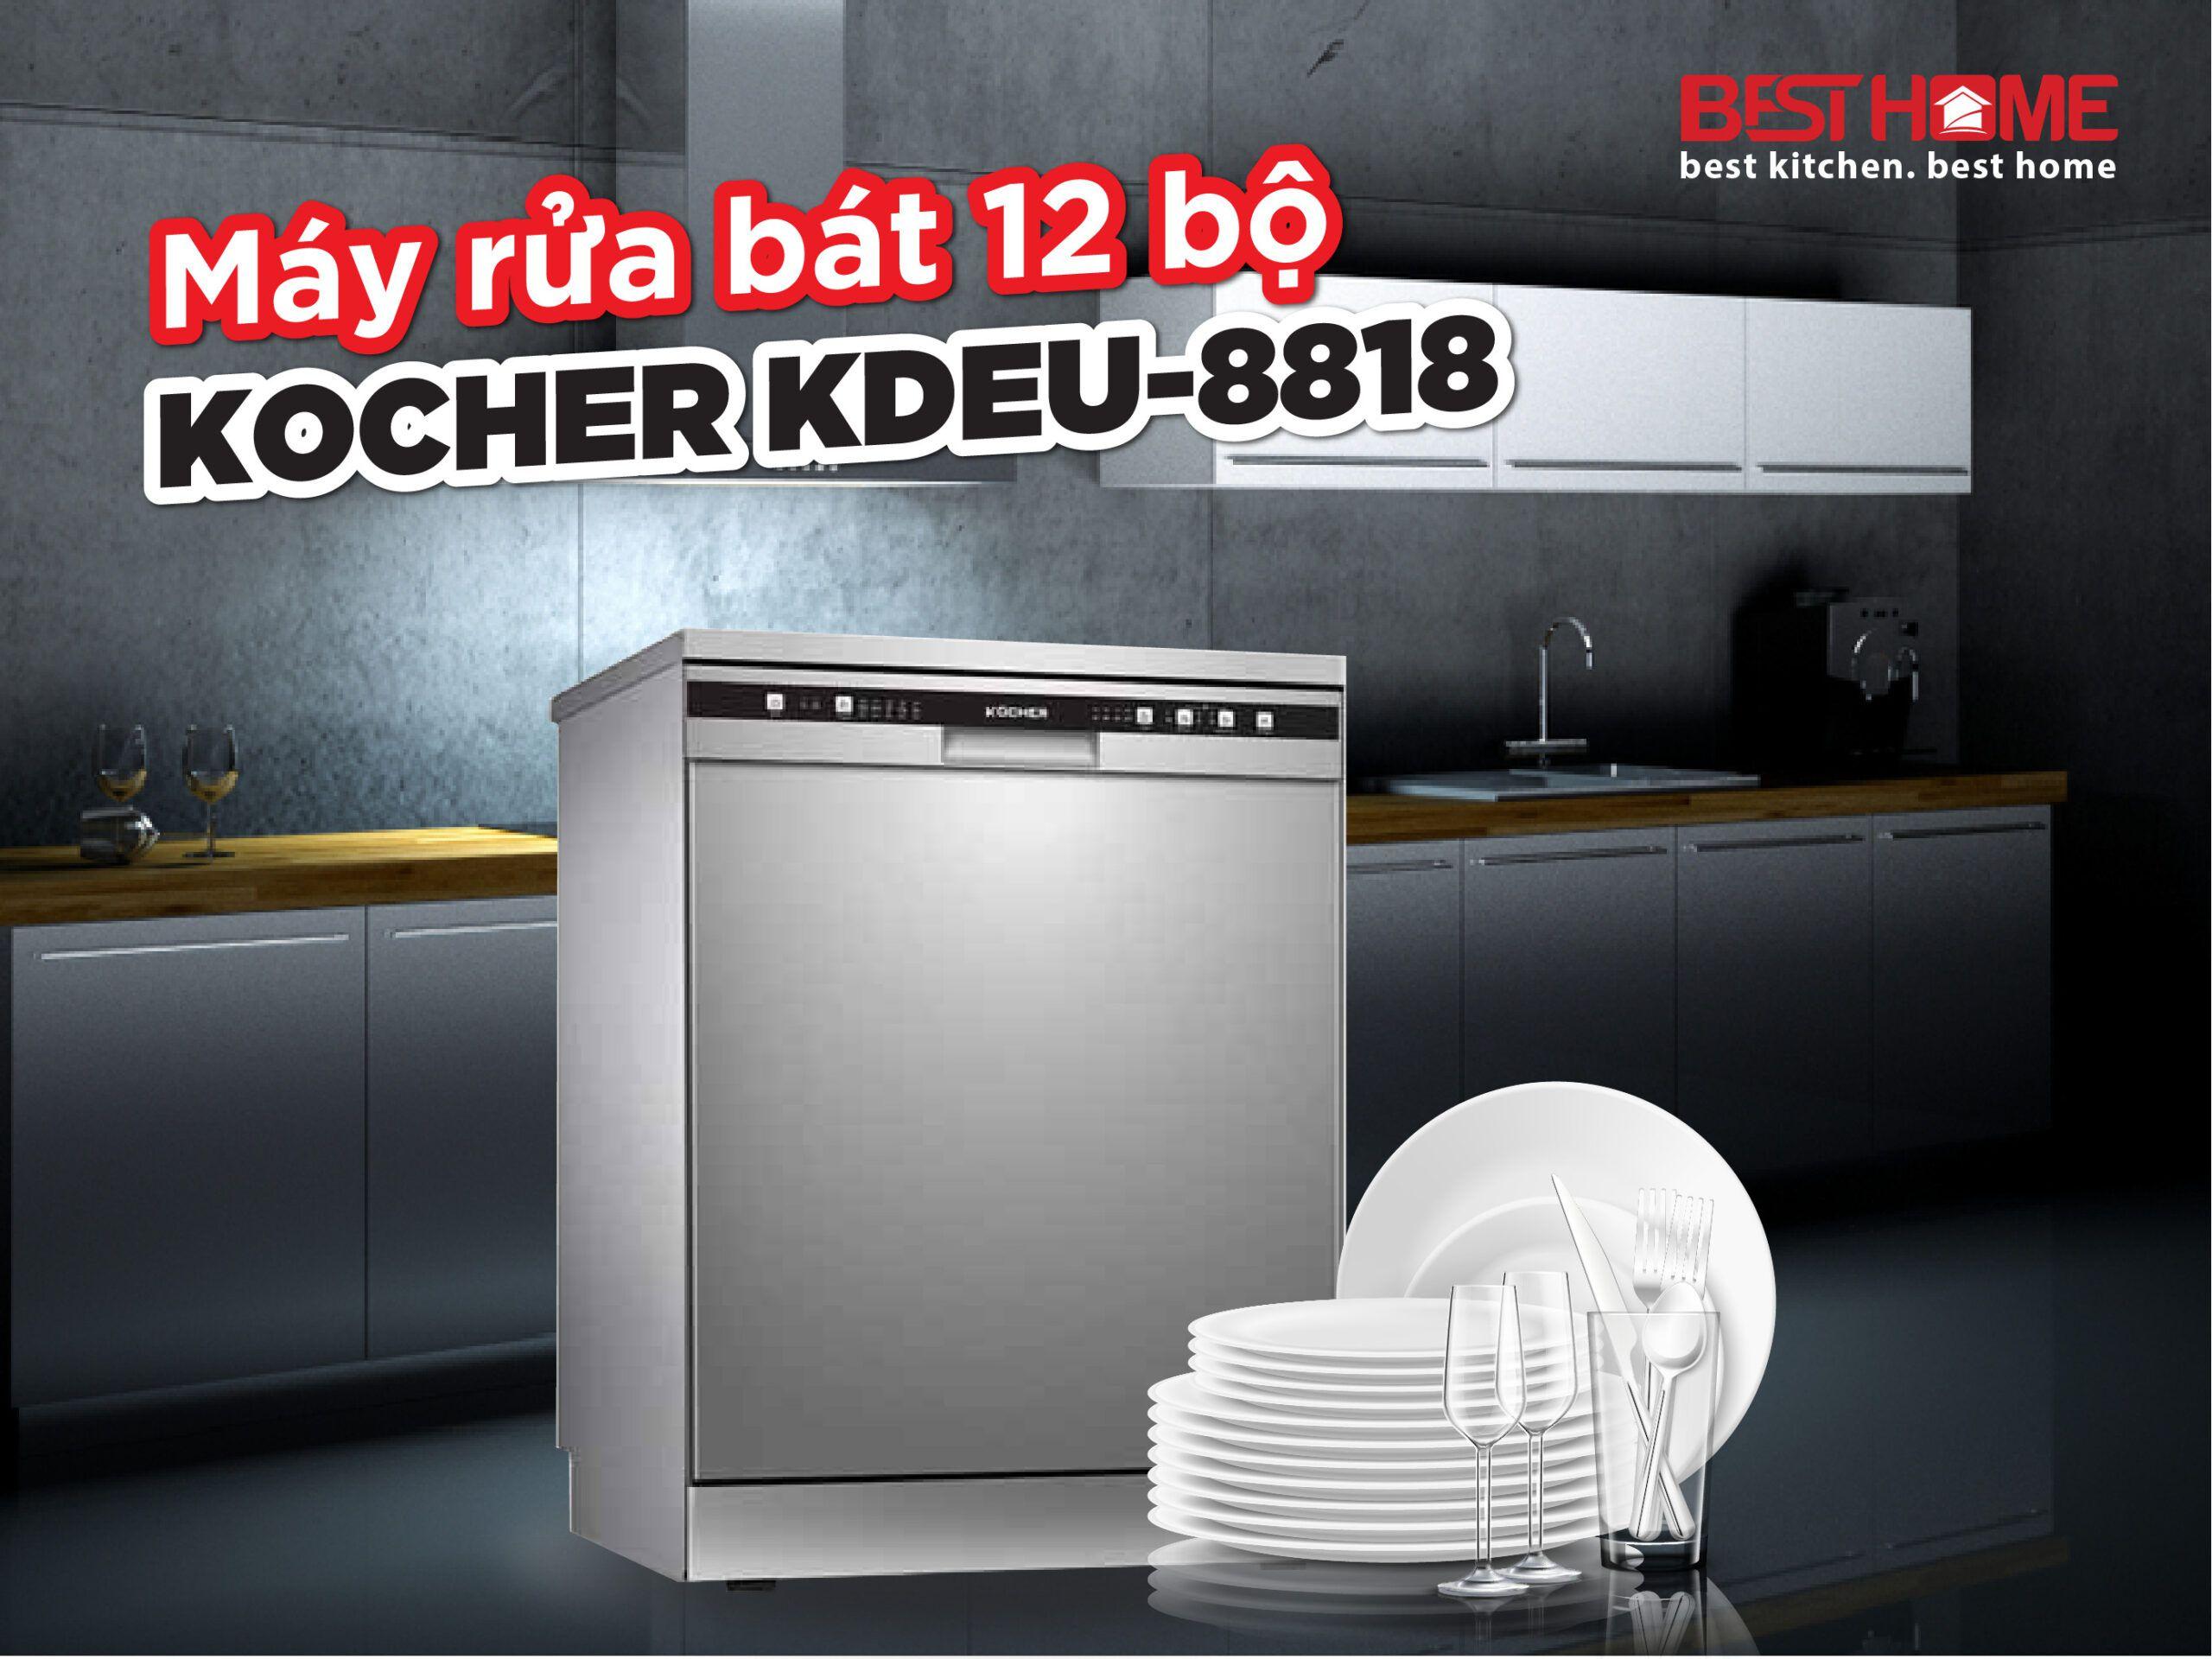 Máy rửa bát 12 bộ Kocher KDEU-8818 xuất xứ Malaysia